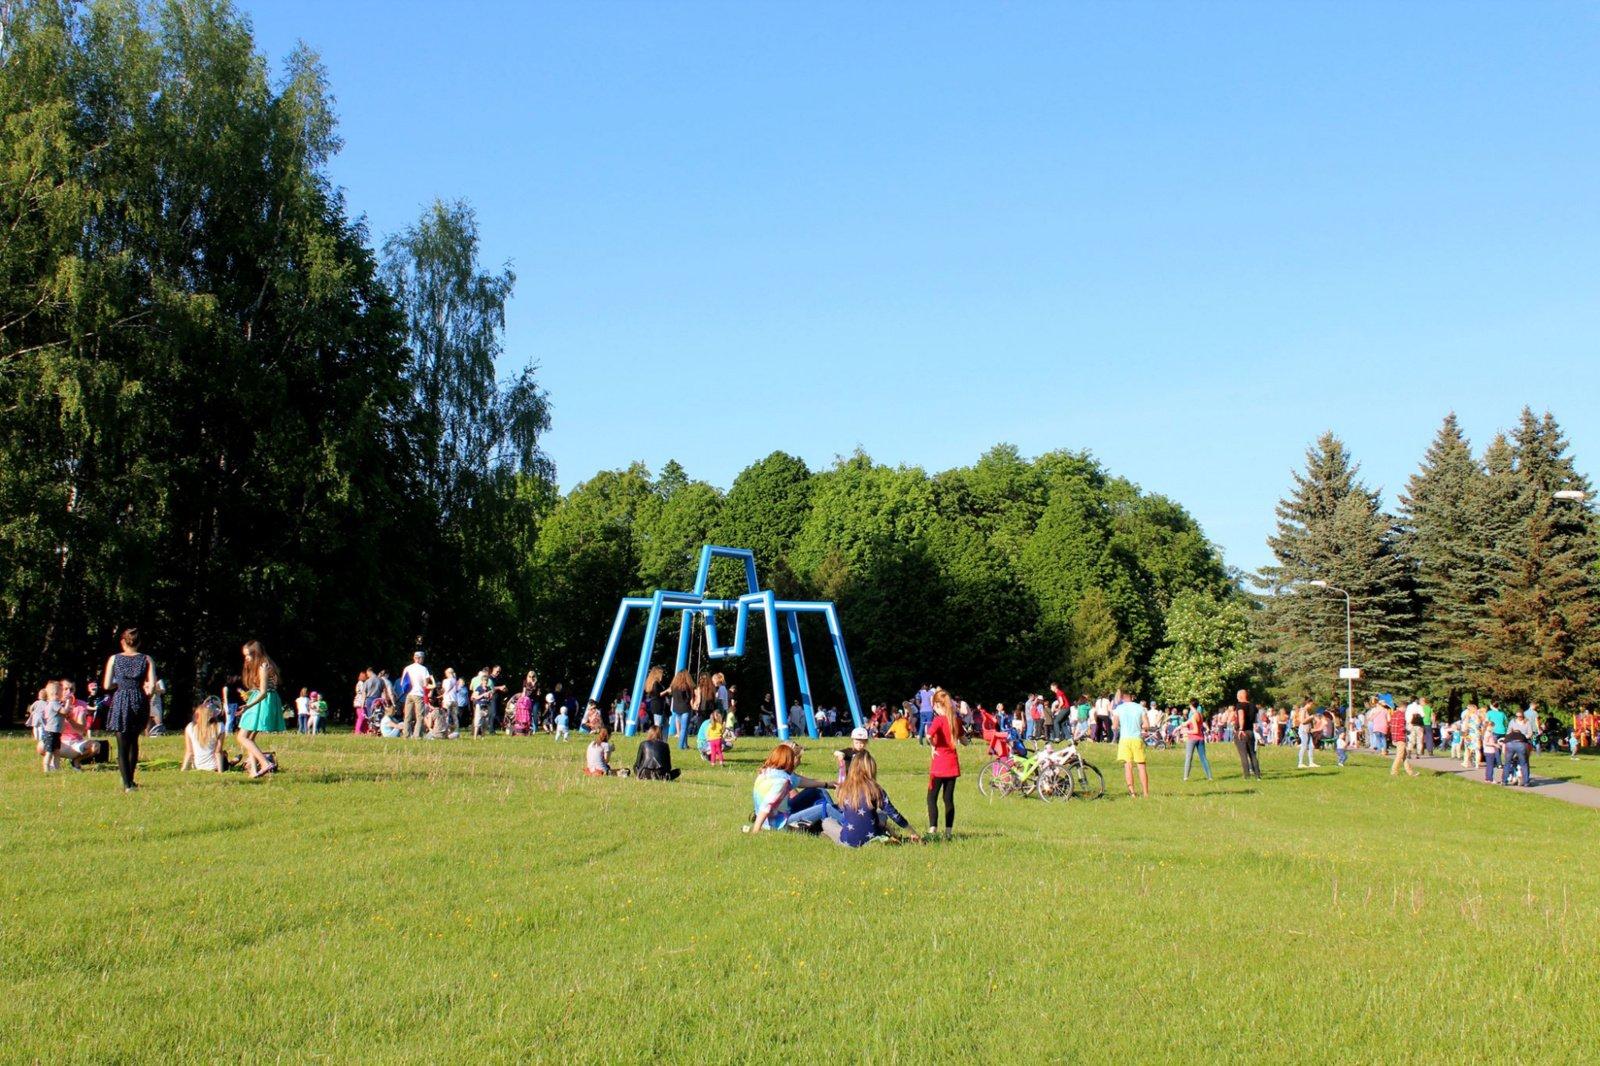 Alytaus miesto gimtadienis: kokius renginius galėsime aplankyti Jaunimo parke?